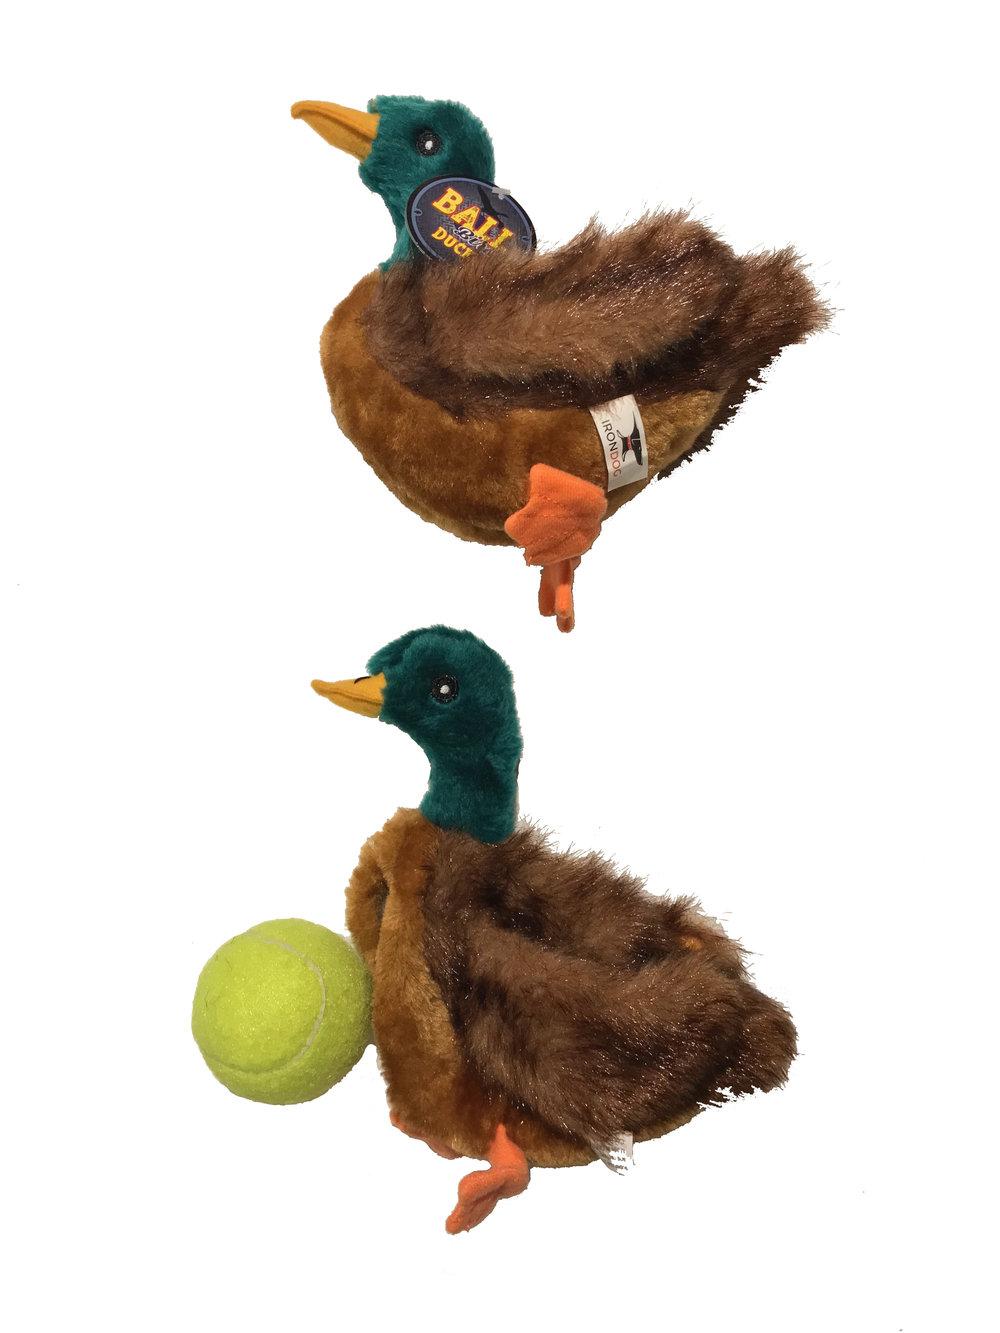 duck cut open.jpg